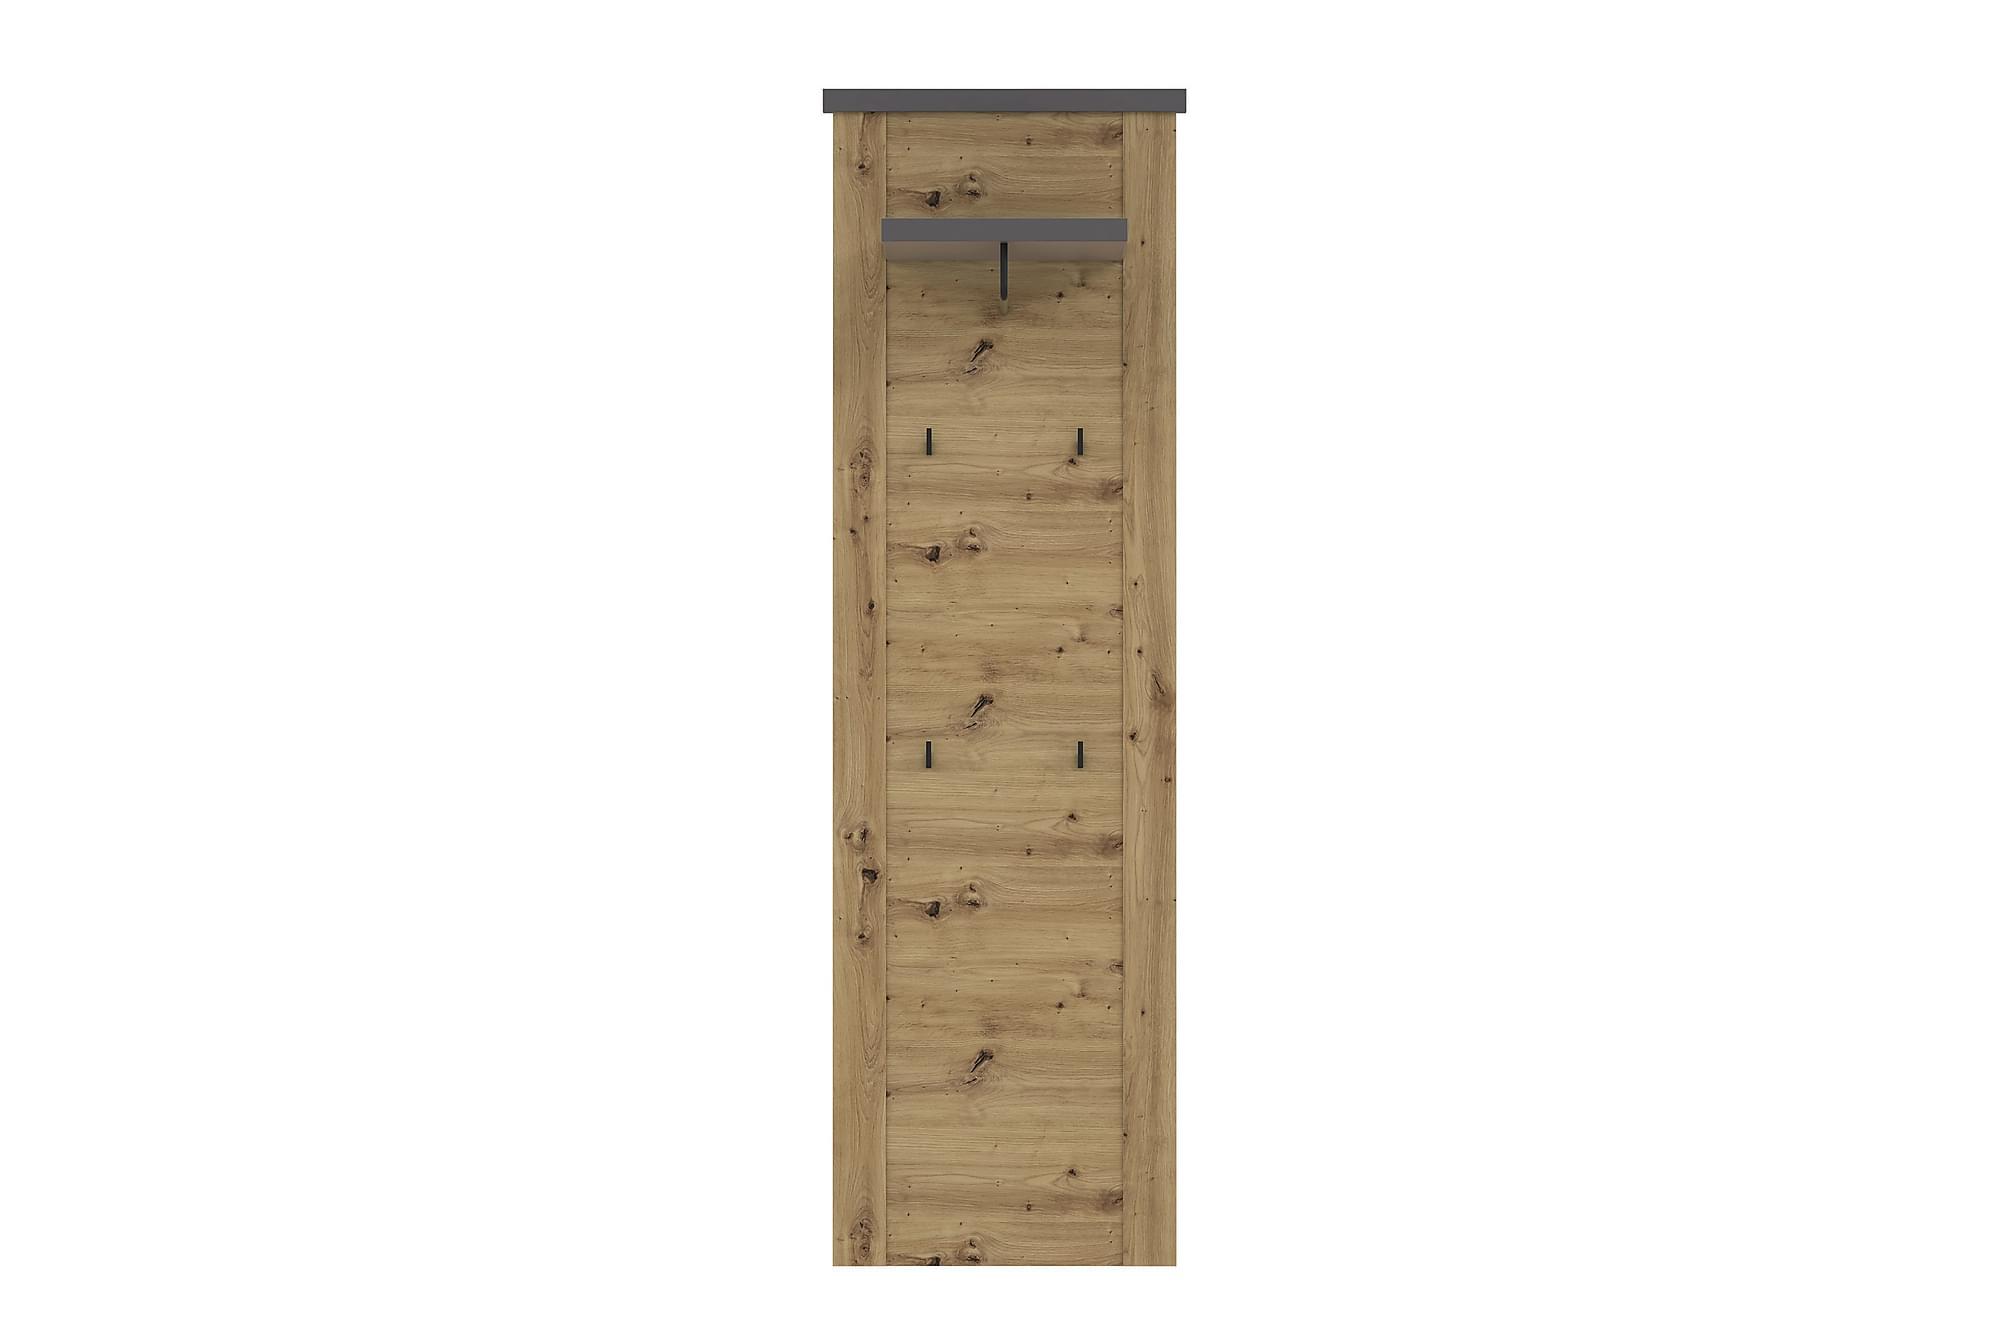 BESCH Väggmonterad Klädhängare 32x61 cm Brun/Grå, Klädhängare & hängare